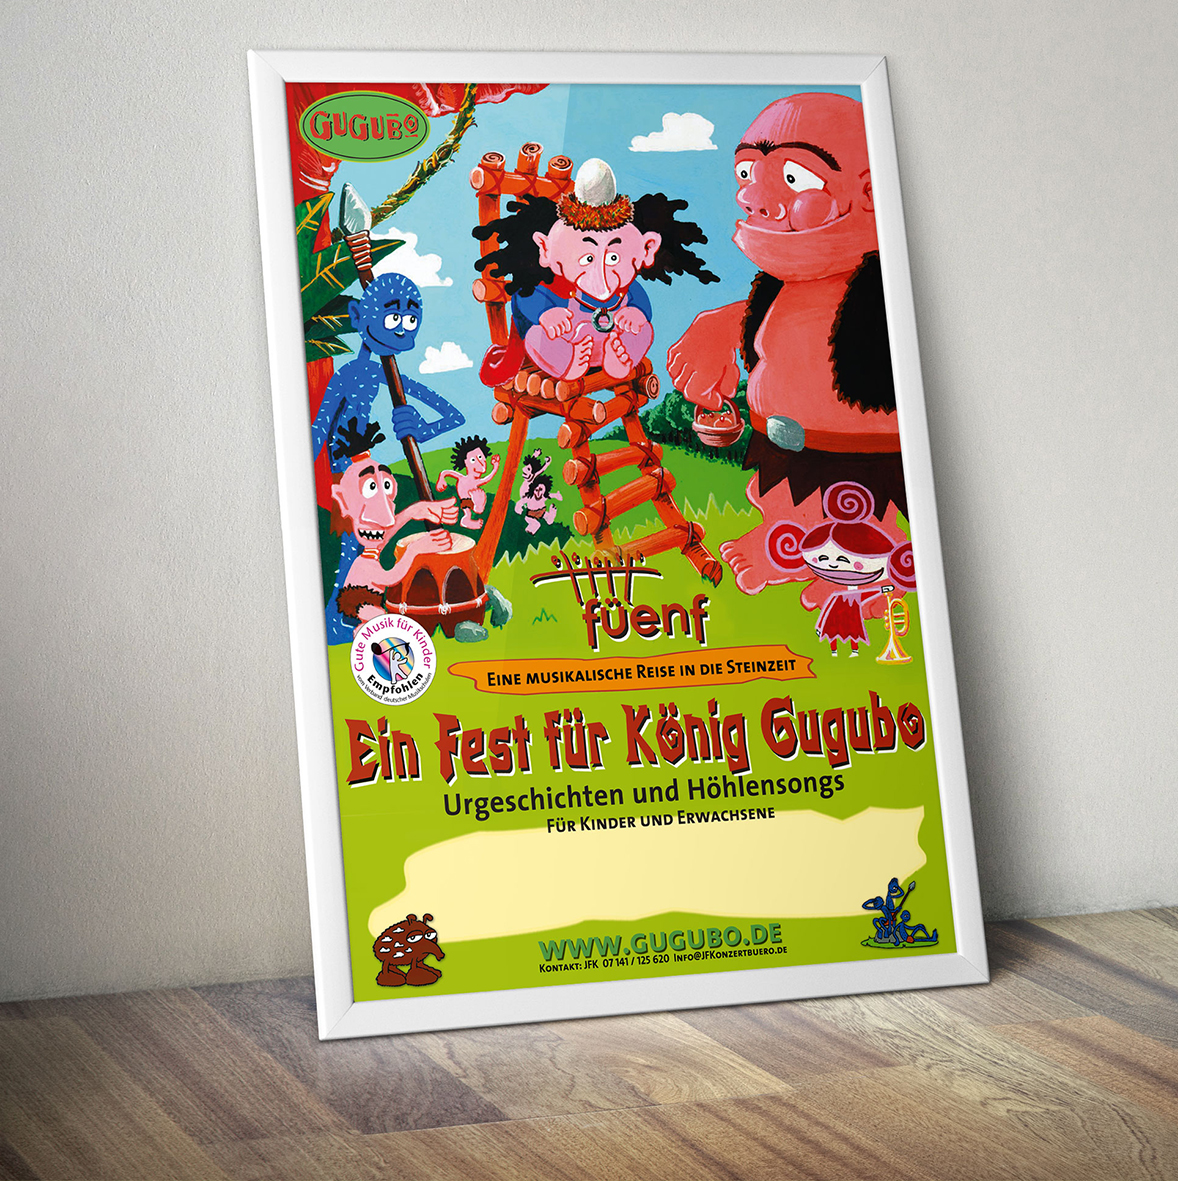 Das Poster zum Hörspiel!